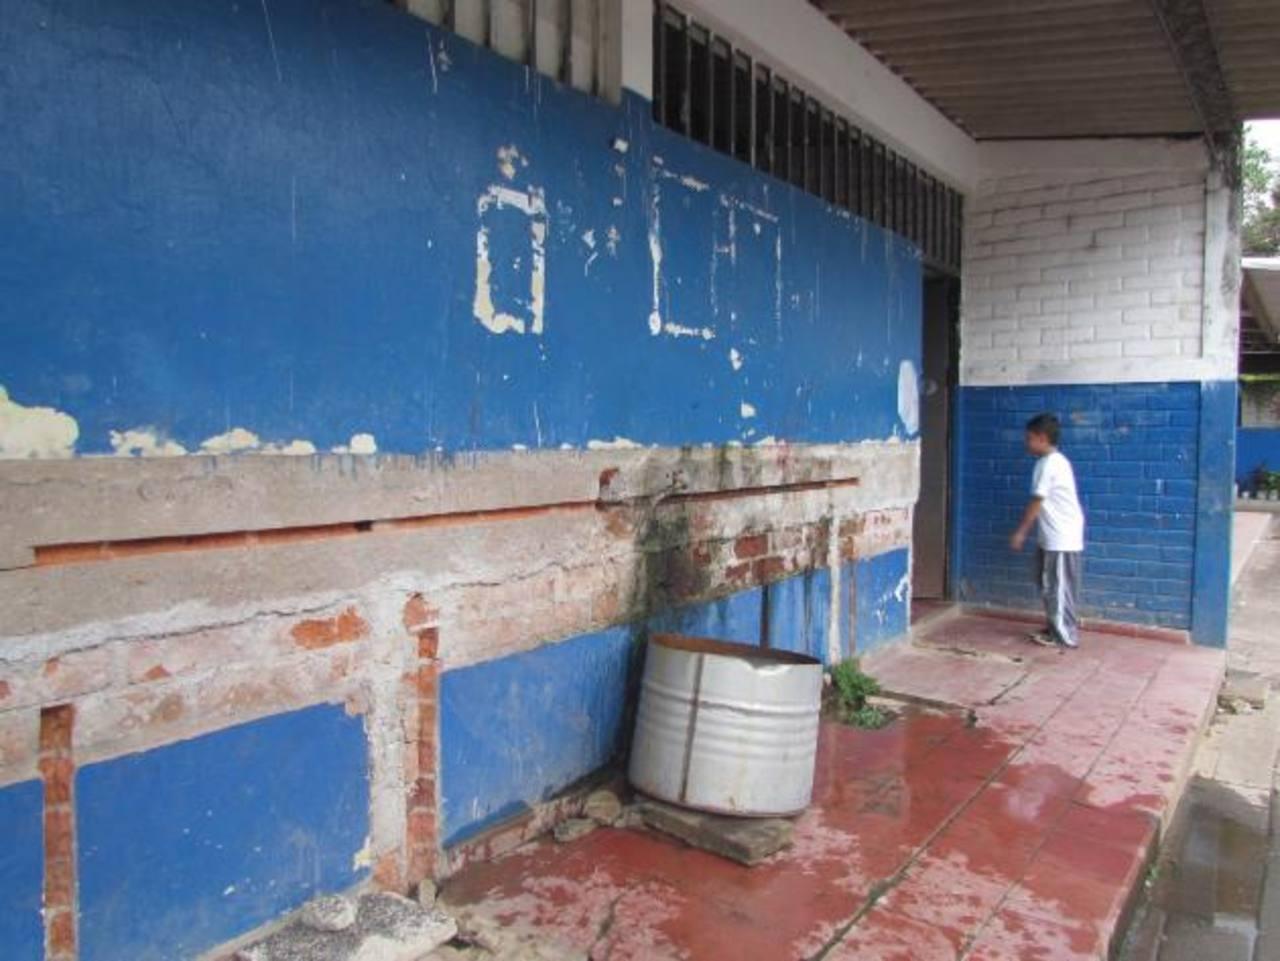 Los estudiantes se quejan de la mala imagen que dan los sanitarios en las condiciones en las que se encuentran actualmente. Fotos EDH / MAURICIO GUEVARA